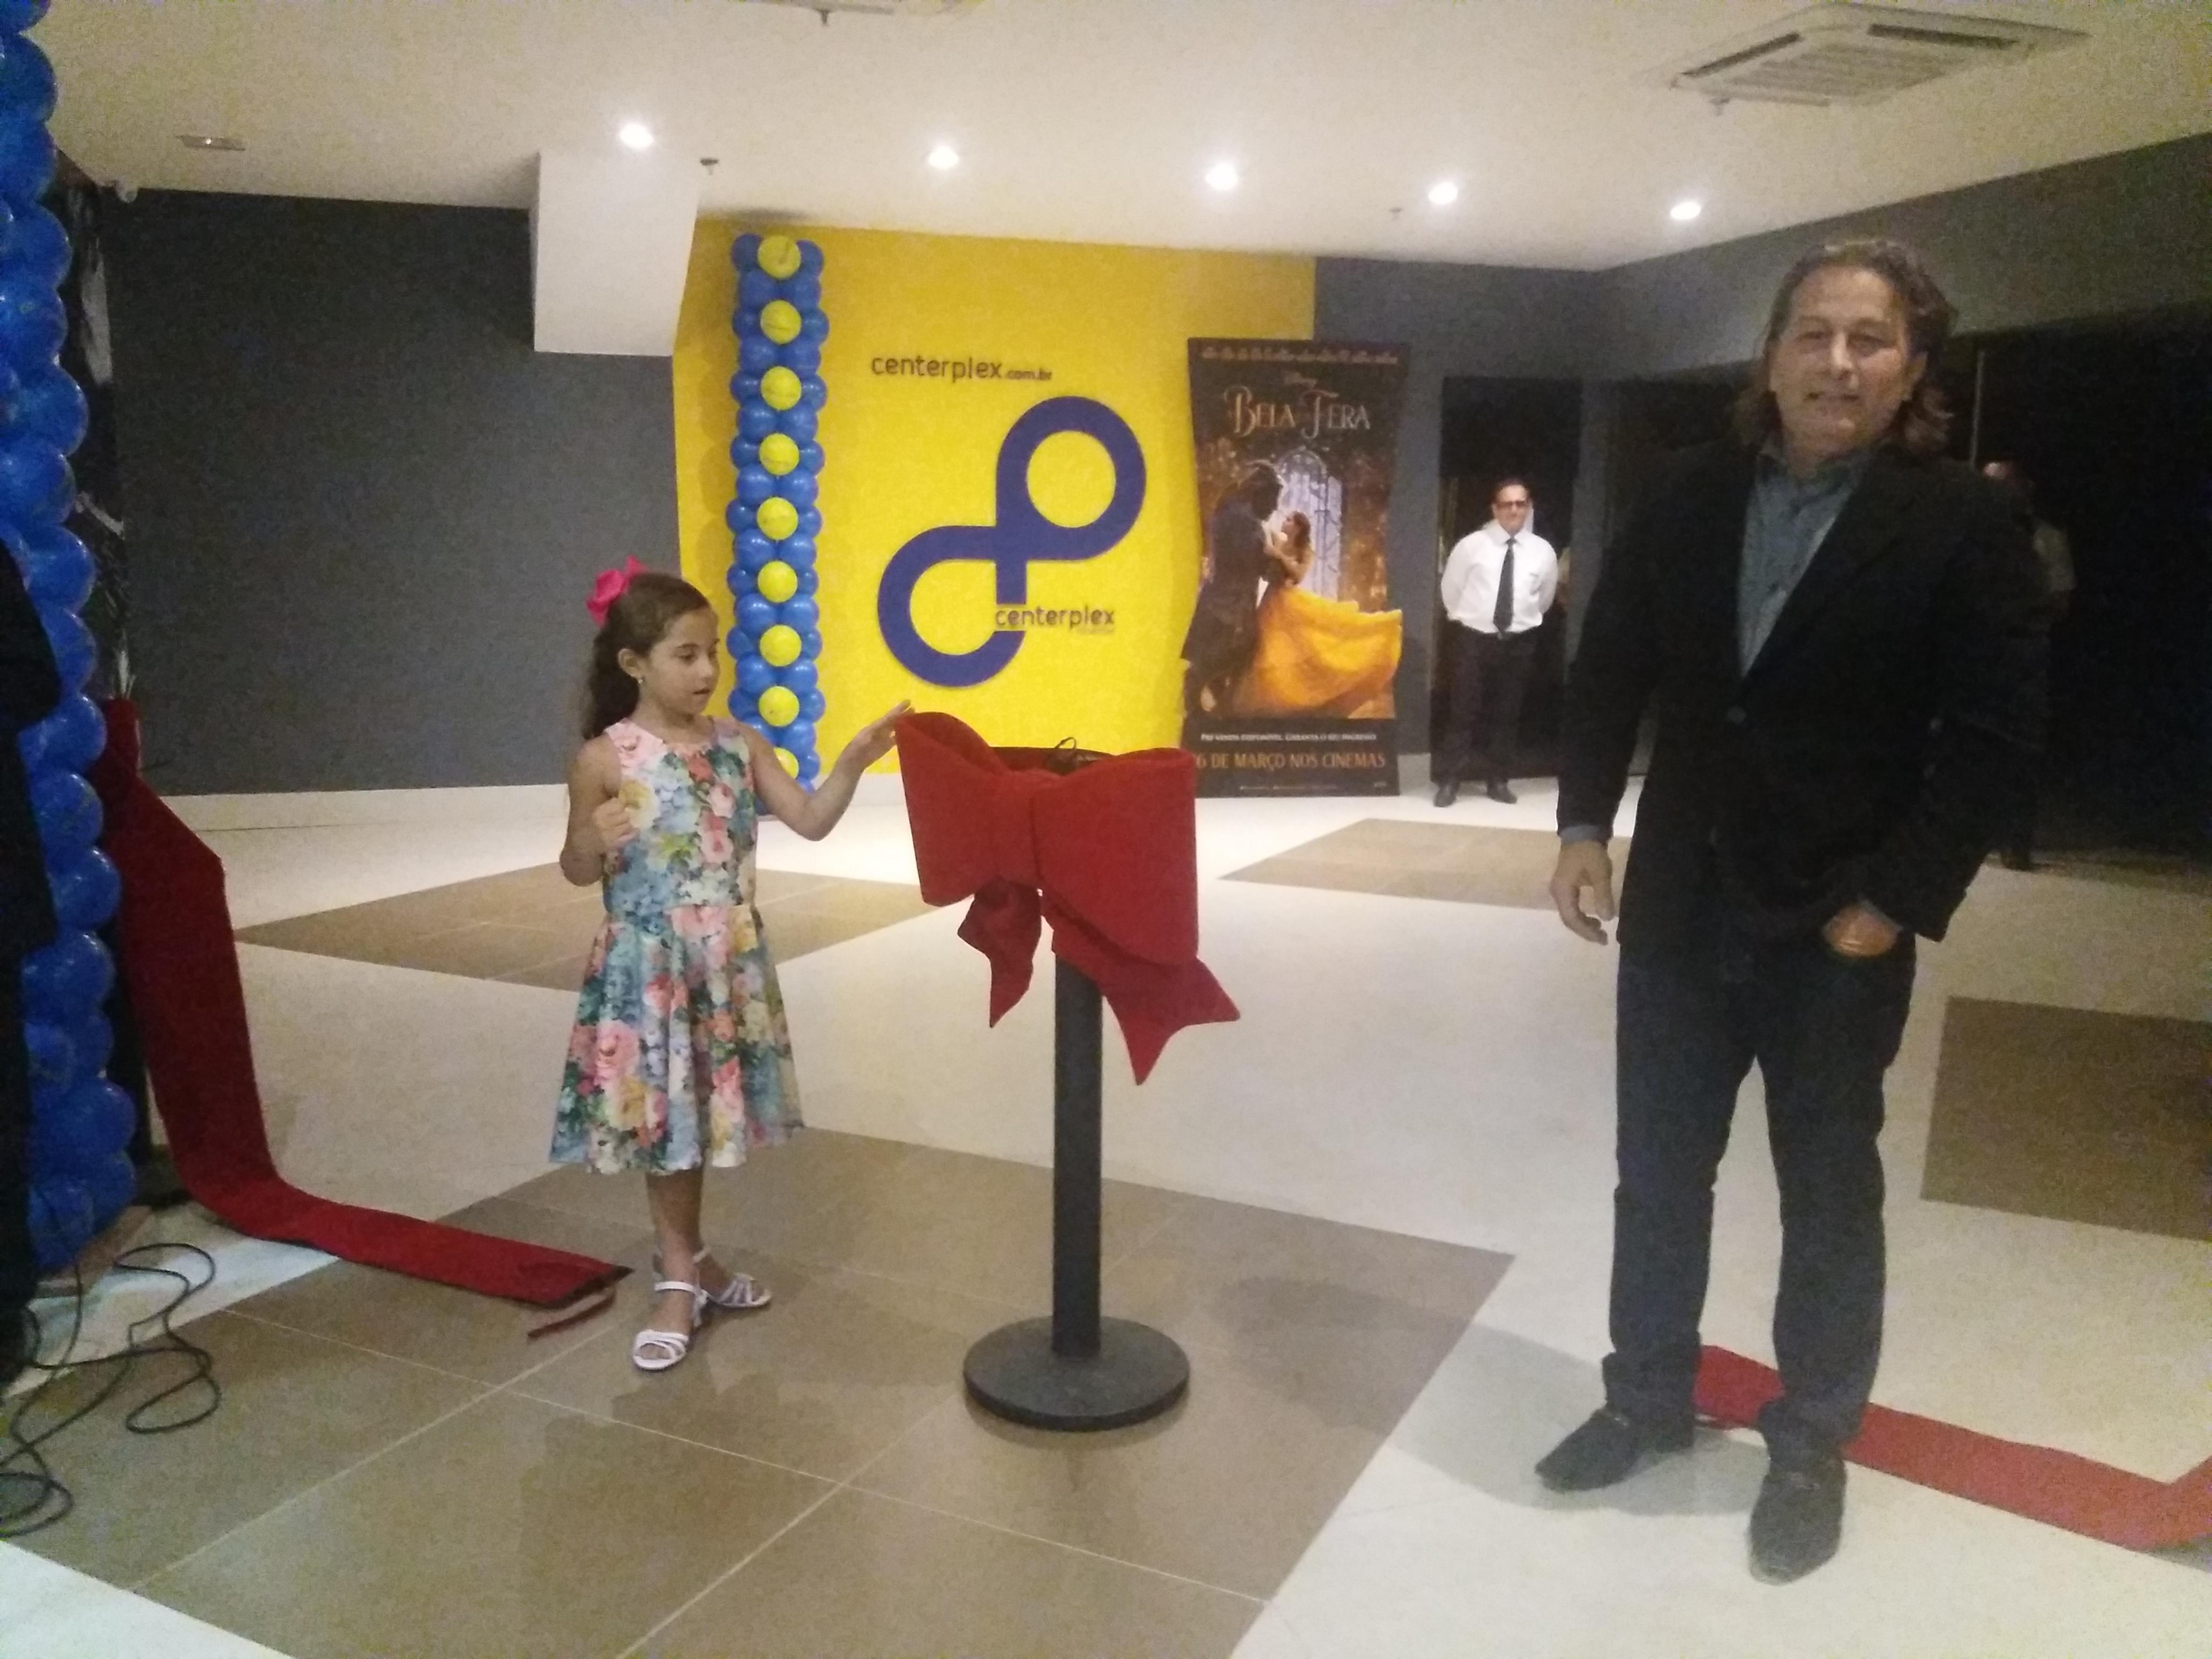 Coquetel de inauguração do Centerplex Cinemas em Maranguape-CE. Foto Dadynha Saturnino (59)